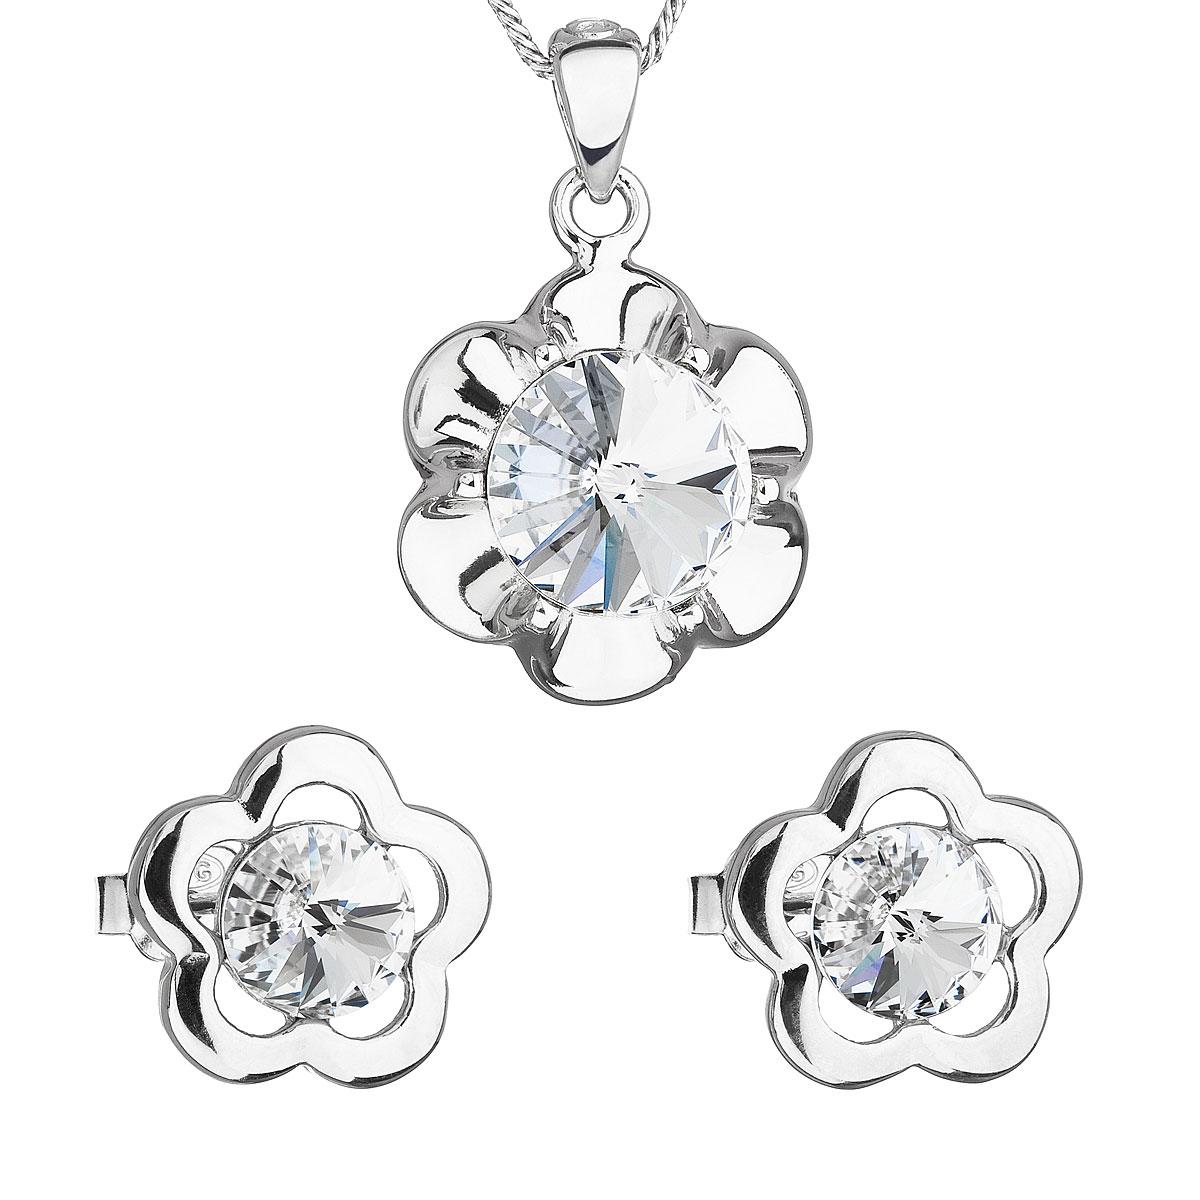 Sada šperkov s krištálmi Swarovski náušnice,retiazka a prívesok biela kytička 39173.1